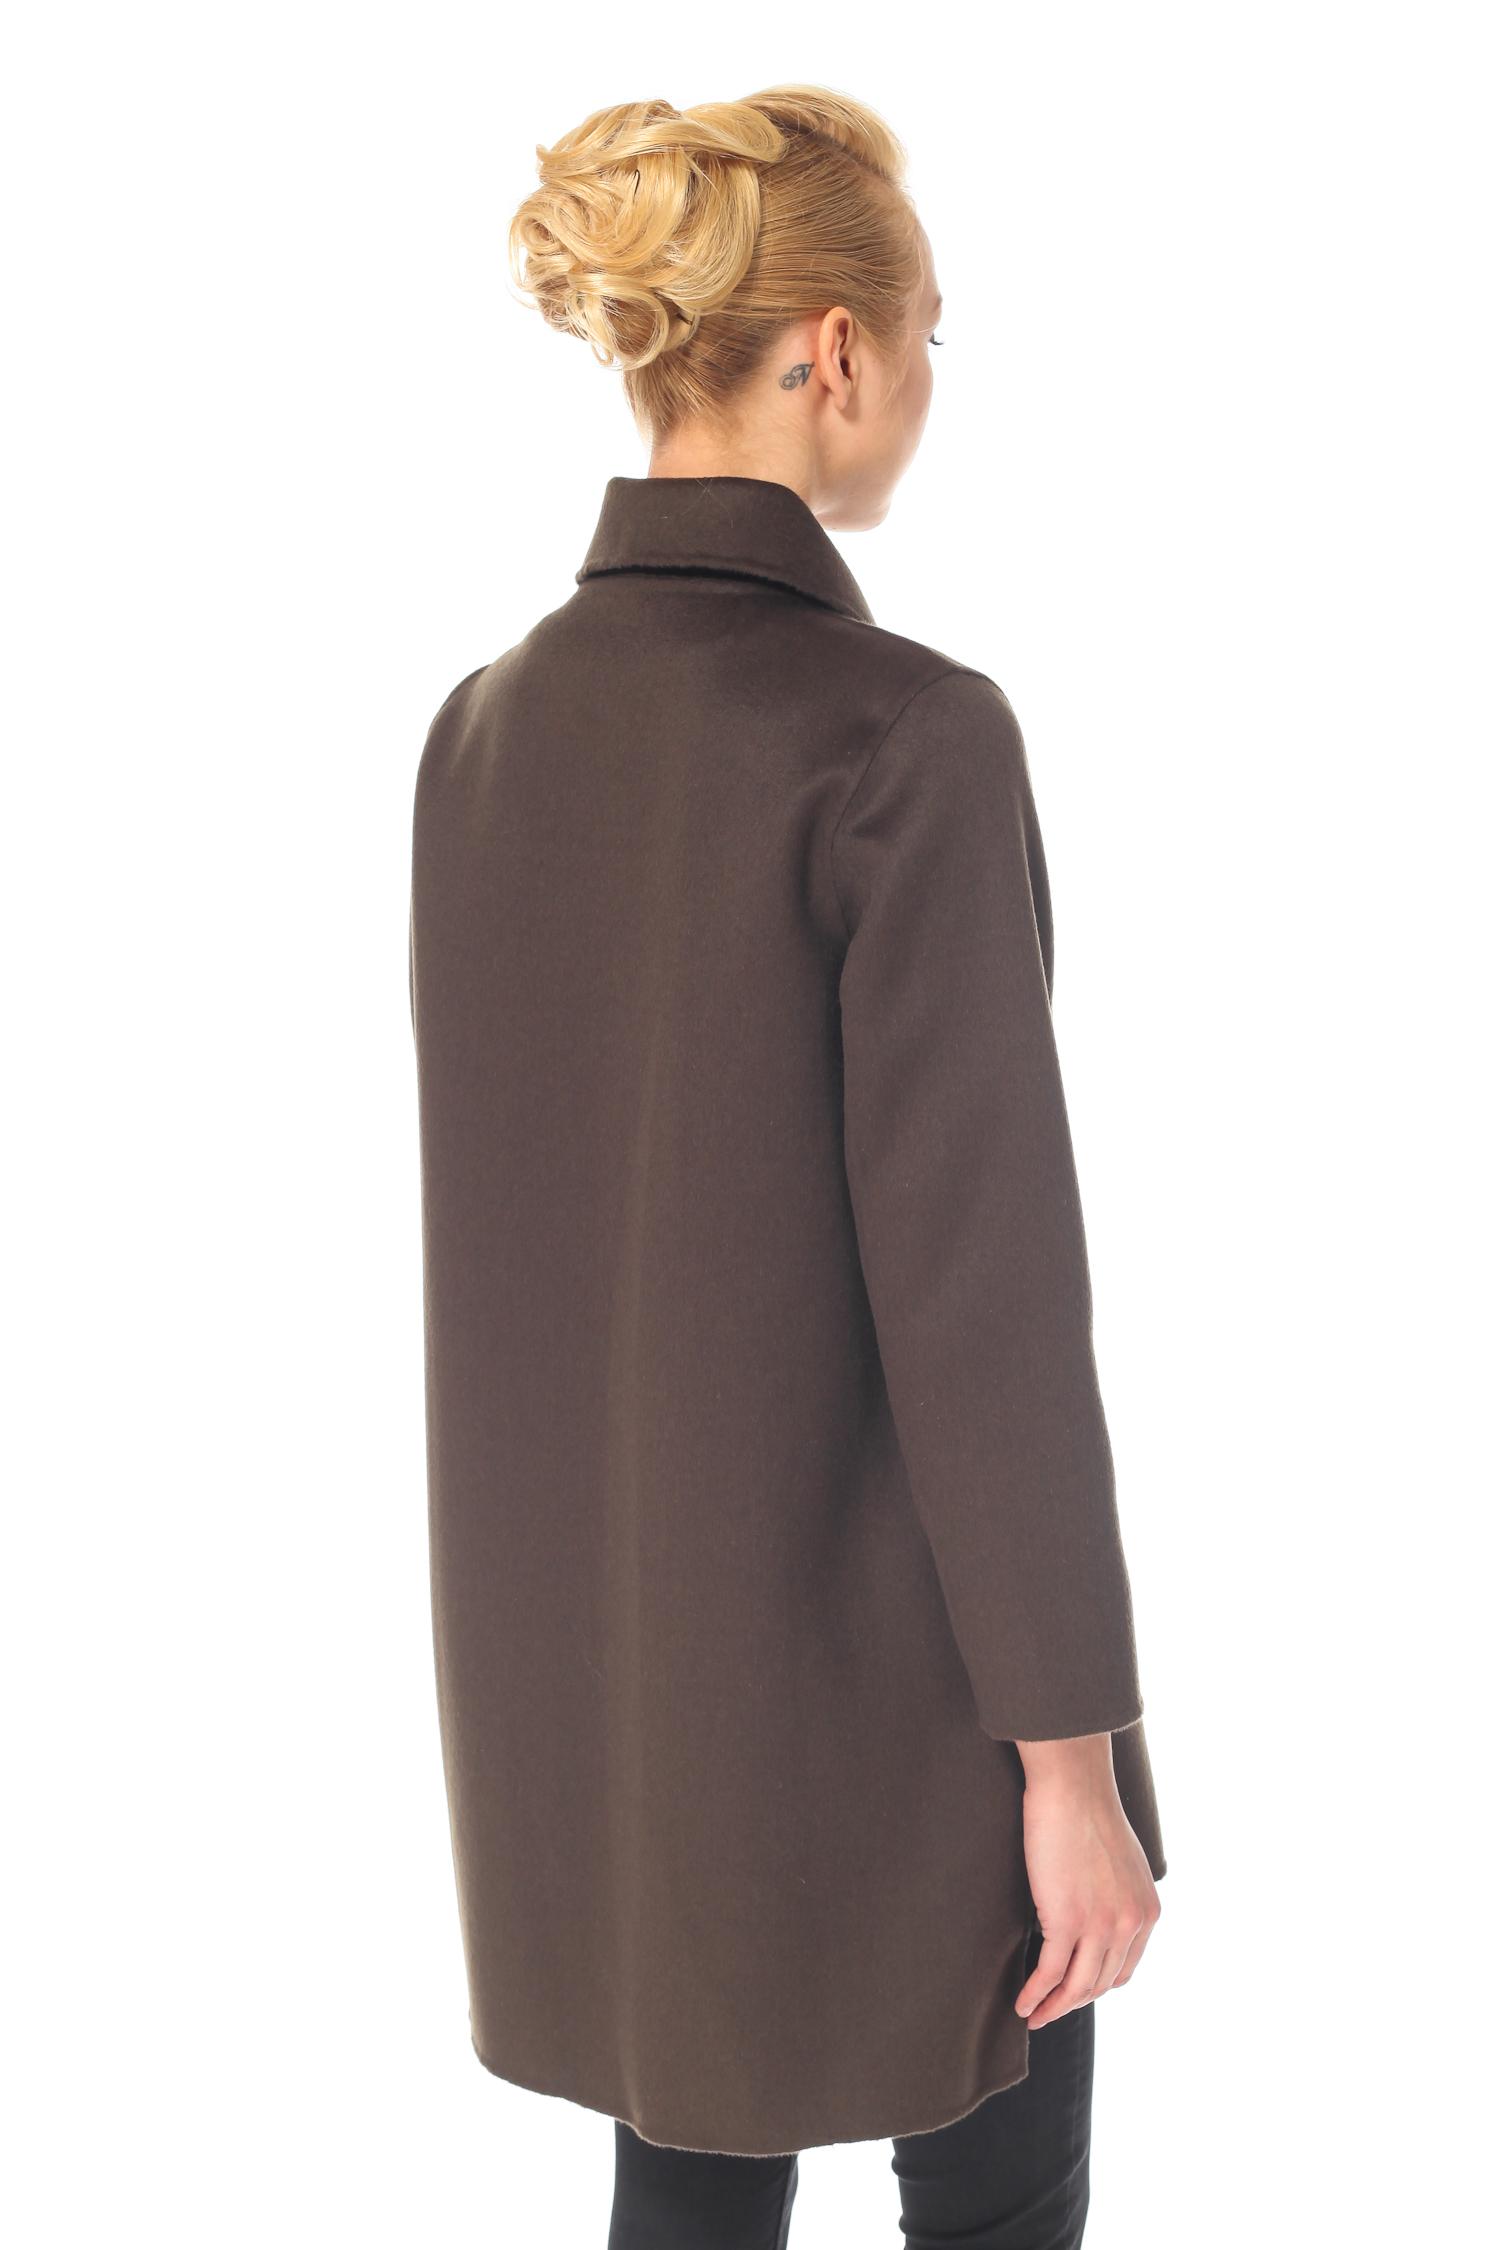 Фото 2 - Женское пальто из текстиля с воротником от МОСМЕХА зеленого цвета